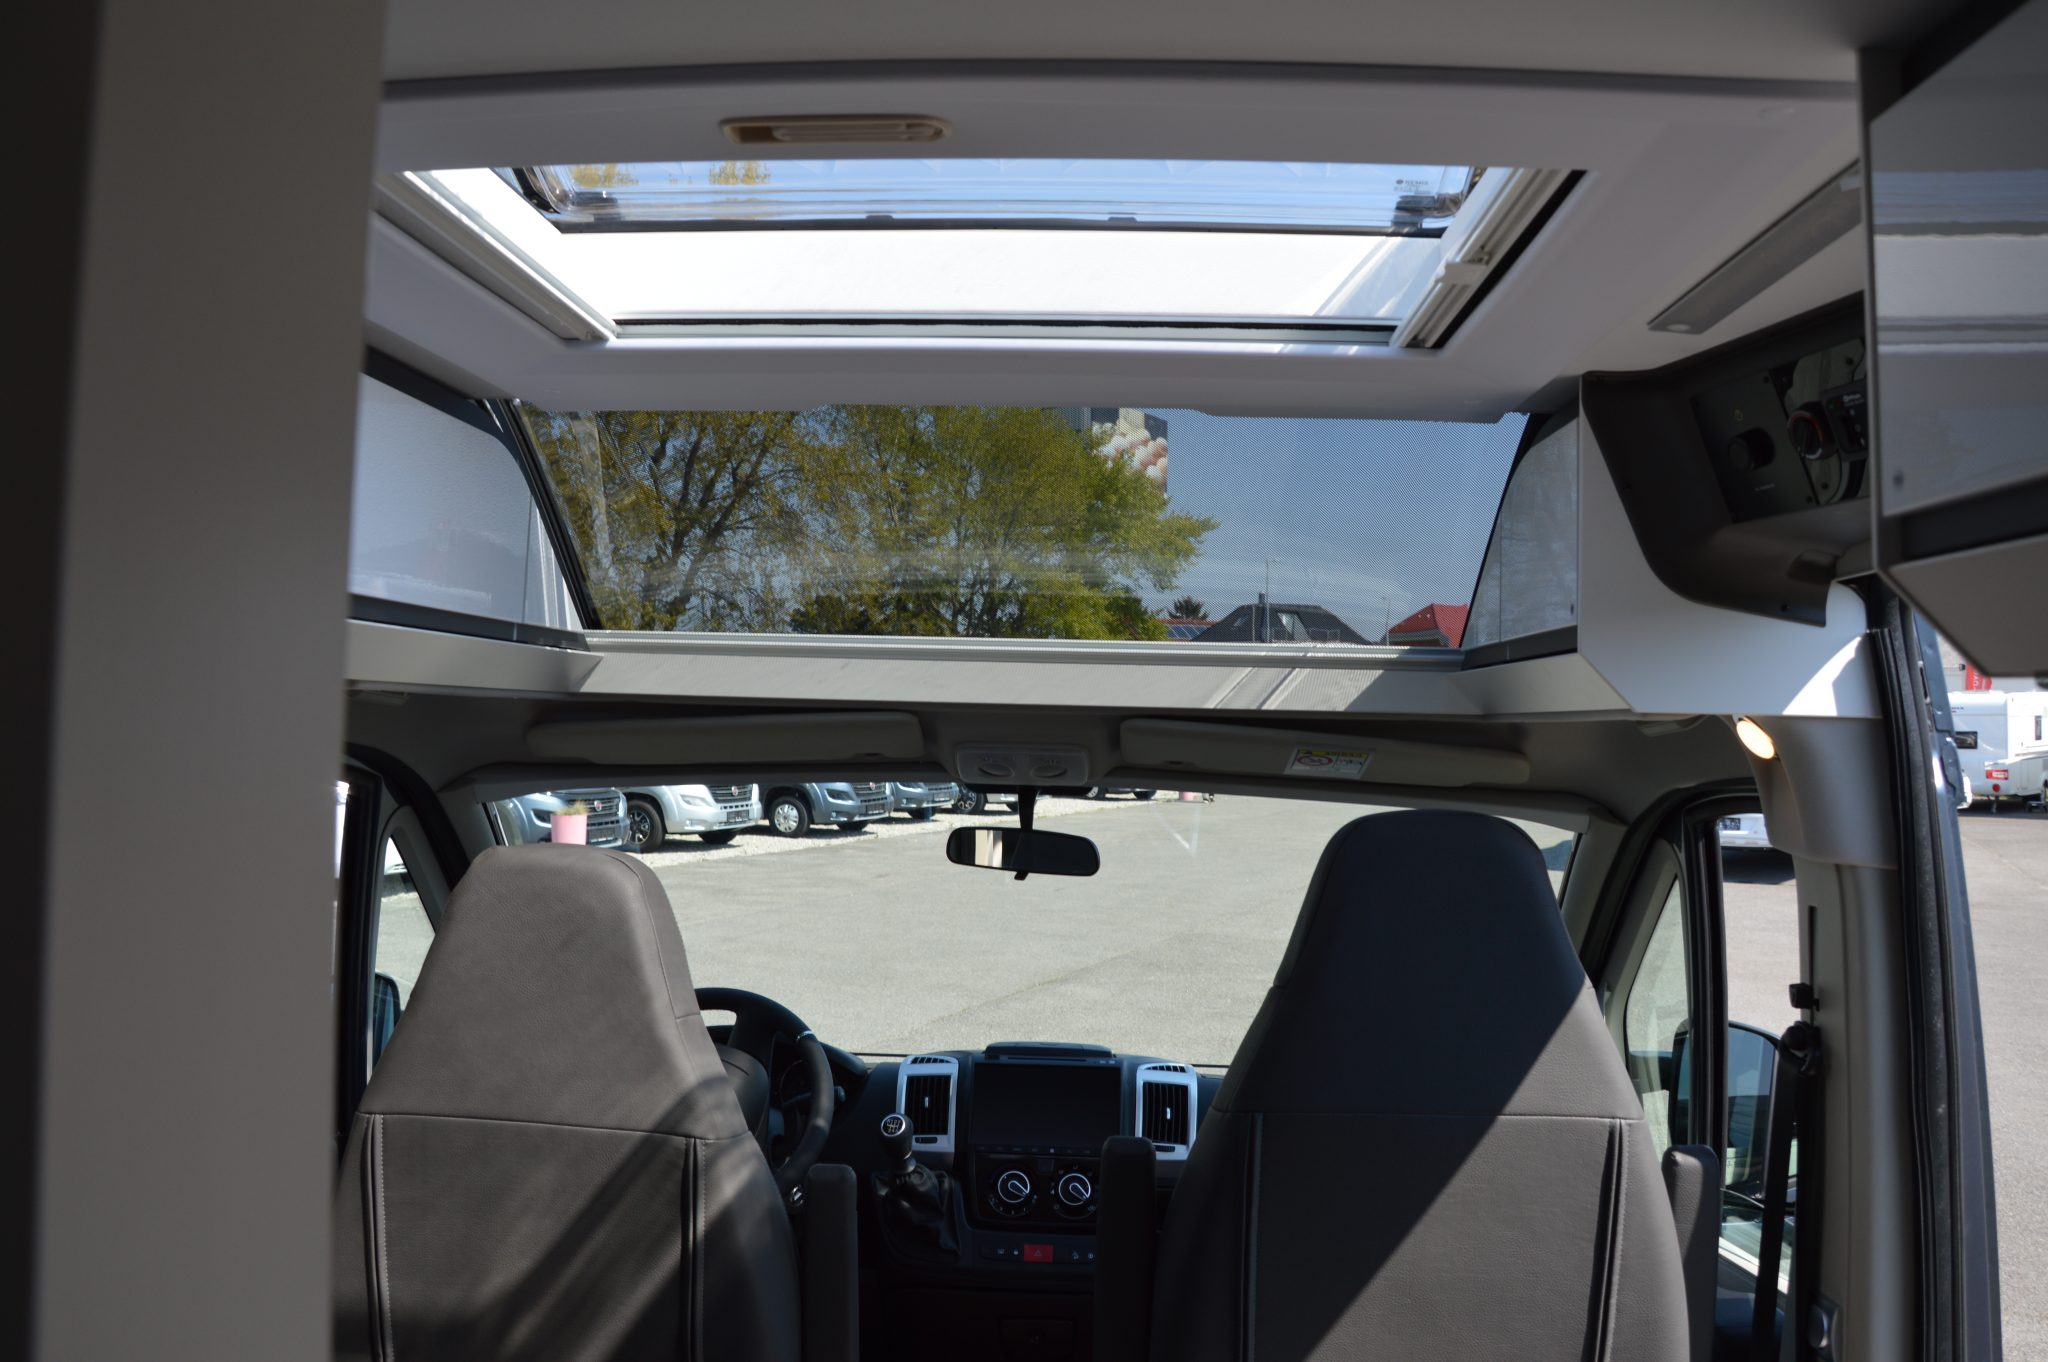 Wohnmobil mit Panoramafenster über dem Fahrerhaus.